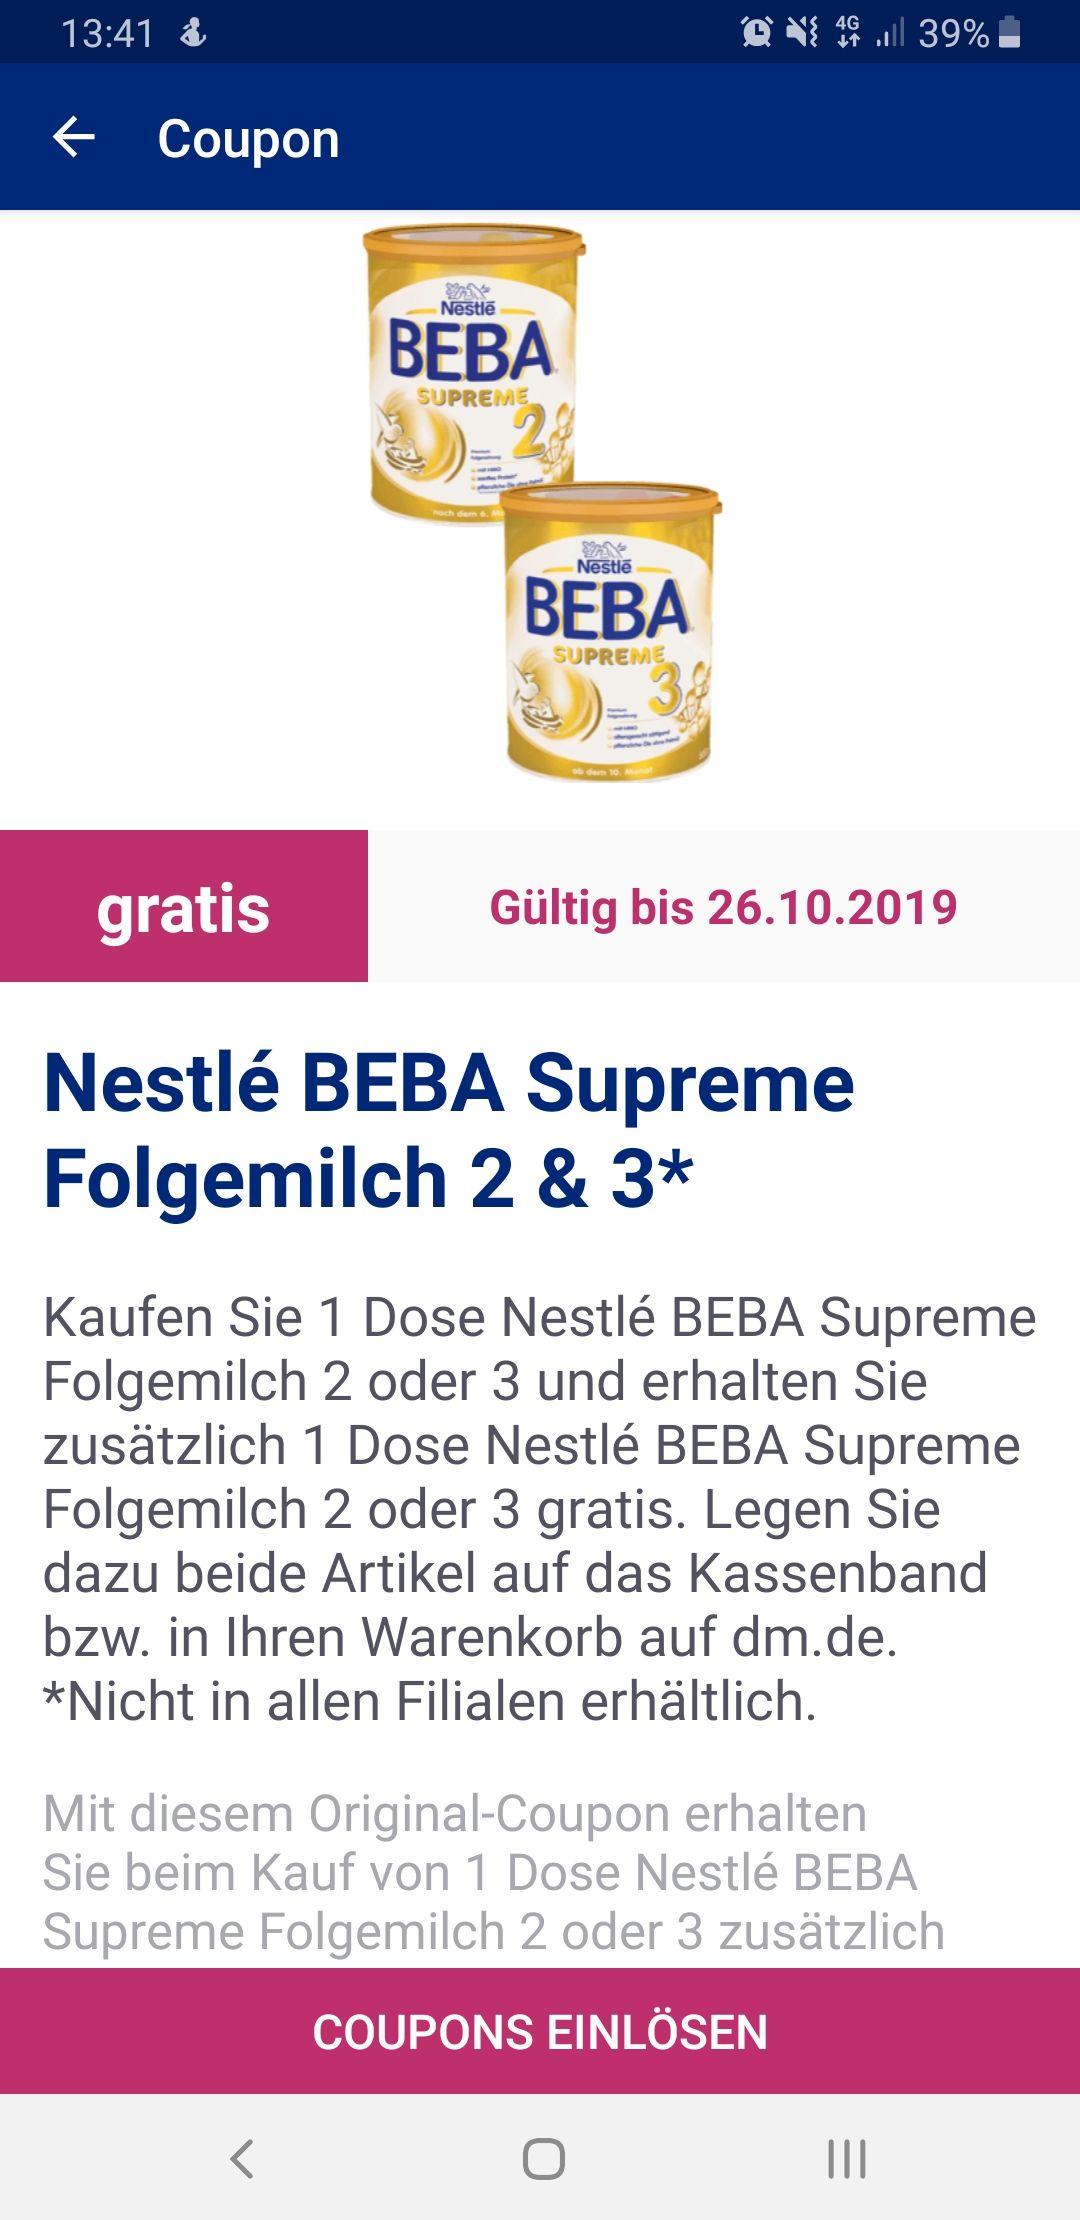 Nestlé BEBA Supreme Folgemilch 2 oder 3 (Kaufe 1 - erhalte 2) mit einem Coupon aus der App oder Kindermilch 1 oder 2